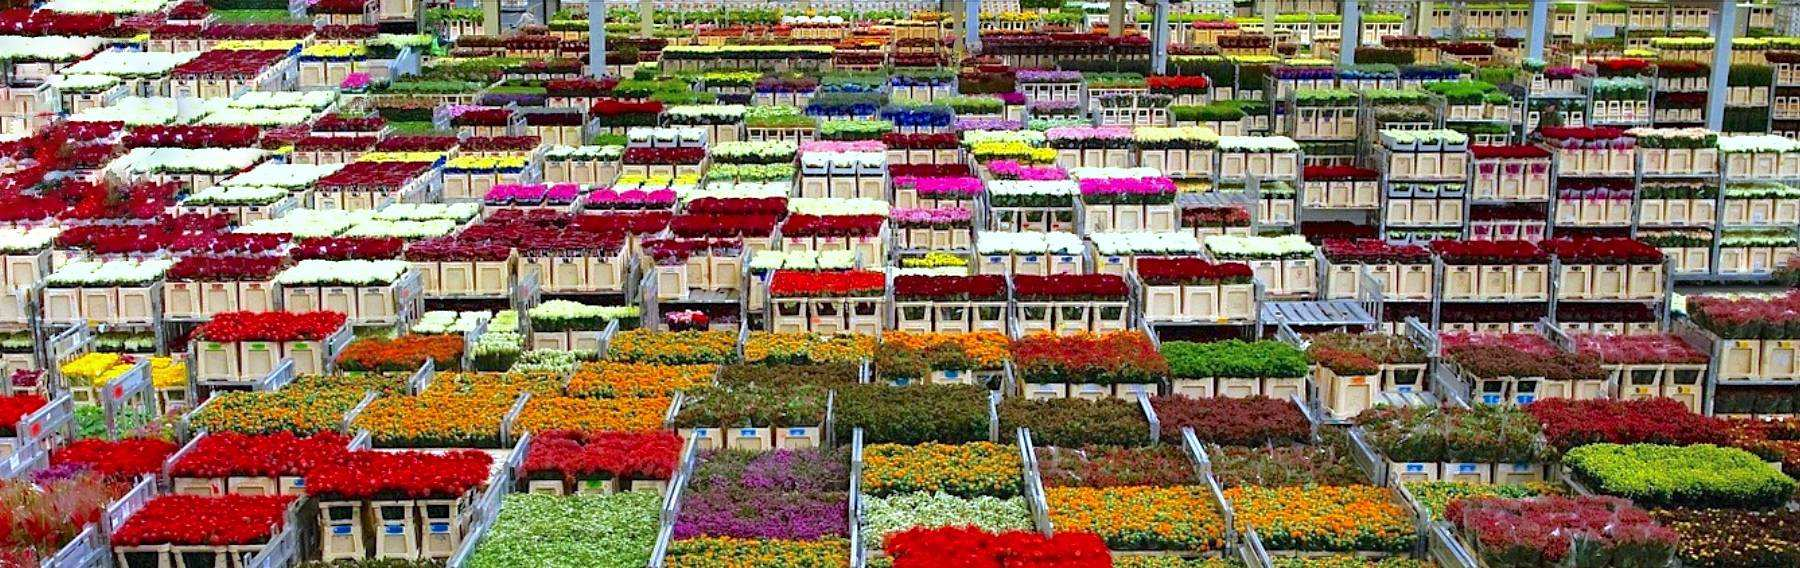 Голландия продажа цветы оптом